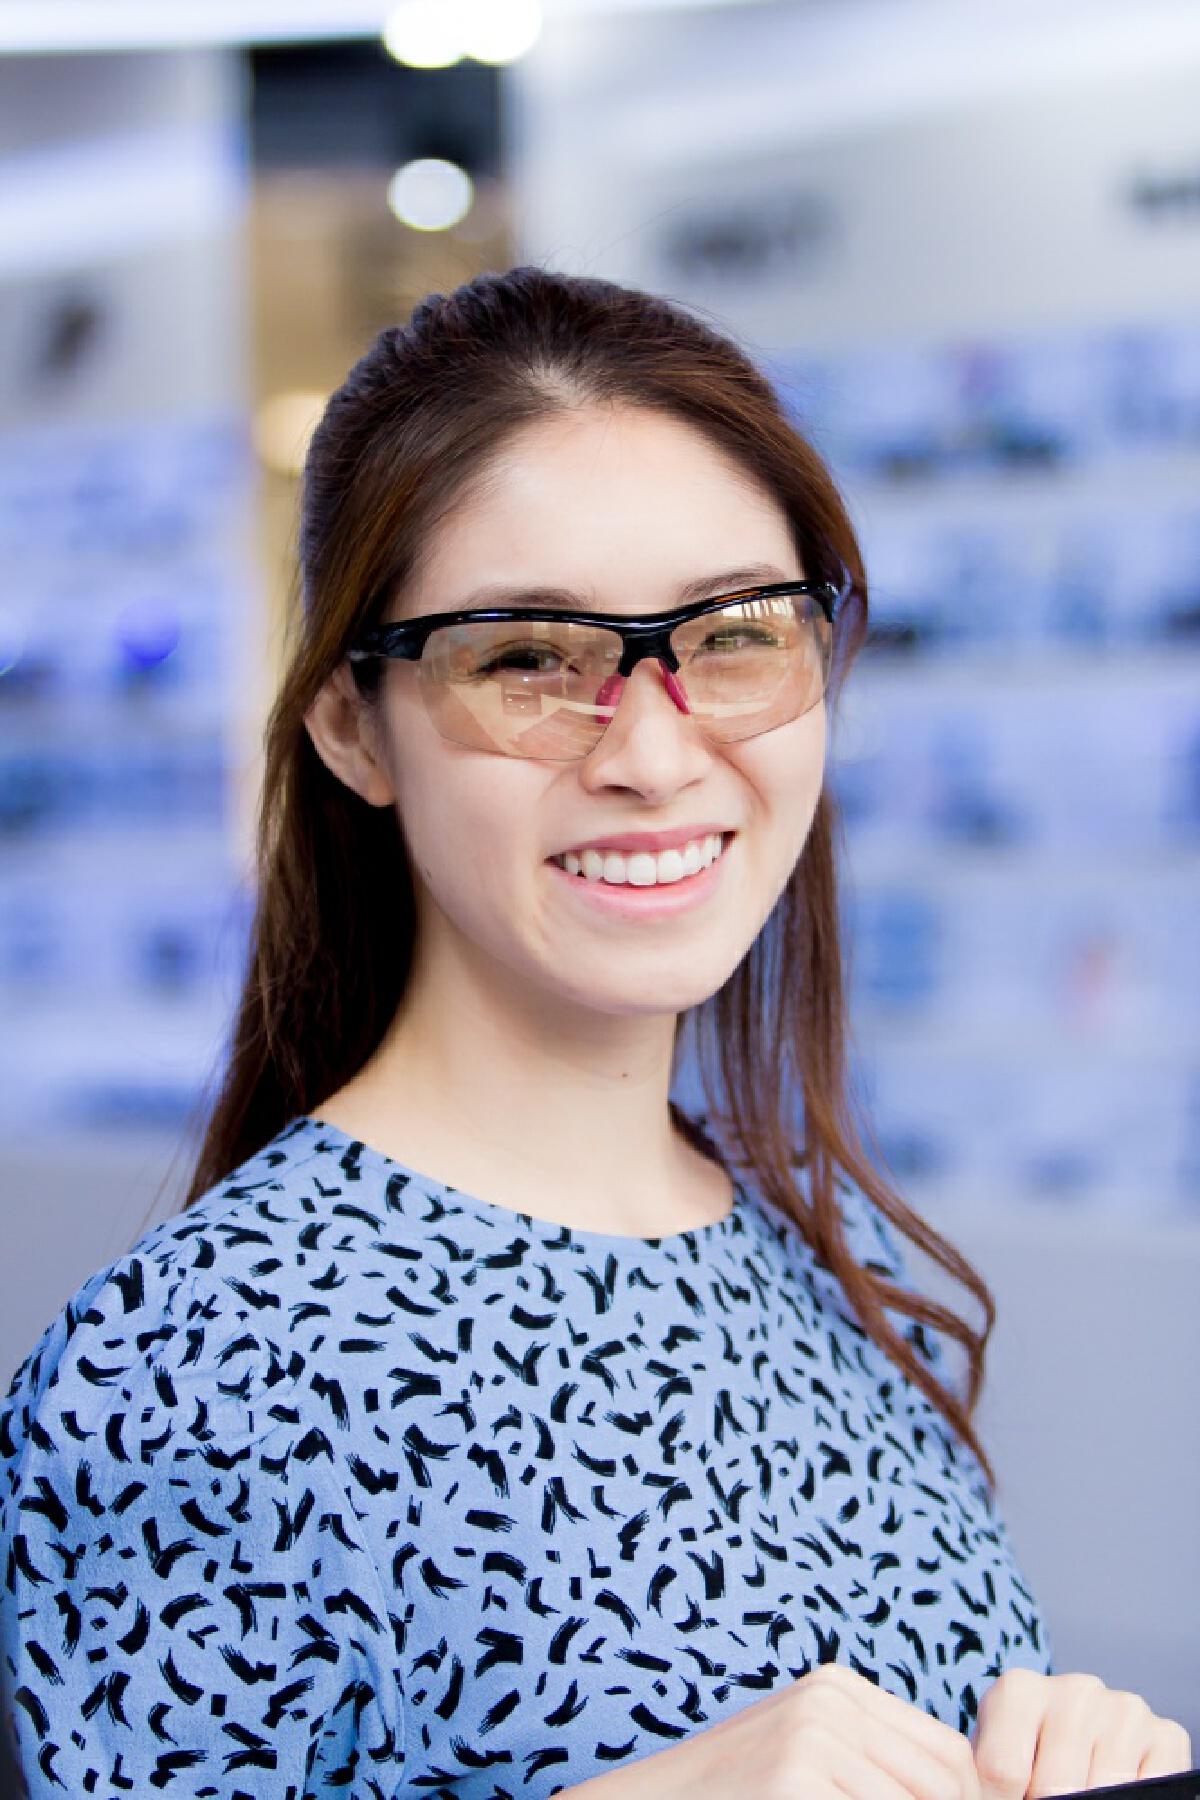 แว่นท็อปเจริญชวนดาร์ลิ่ง อารดา นางฟ้าไตรกีฬาช้อปแว่น Cos Club ตอบโจทย์ทุกไลฟ์สไตล์